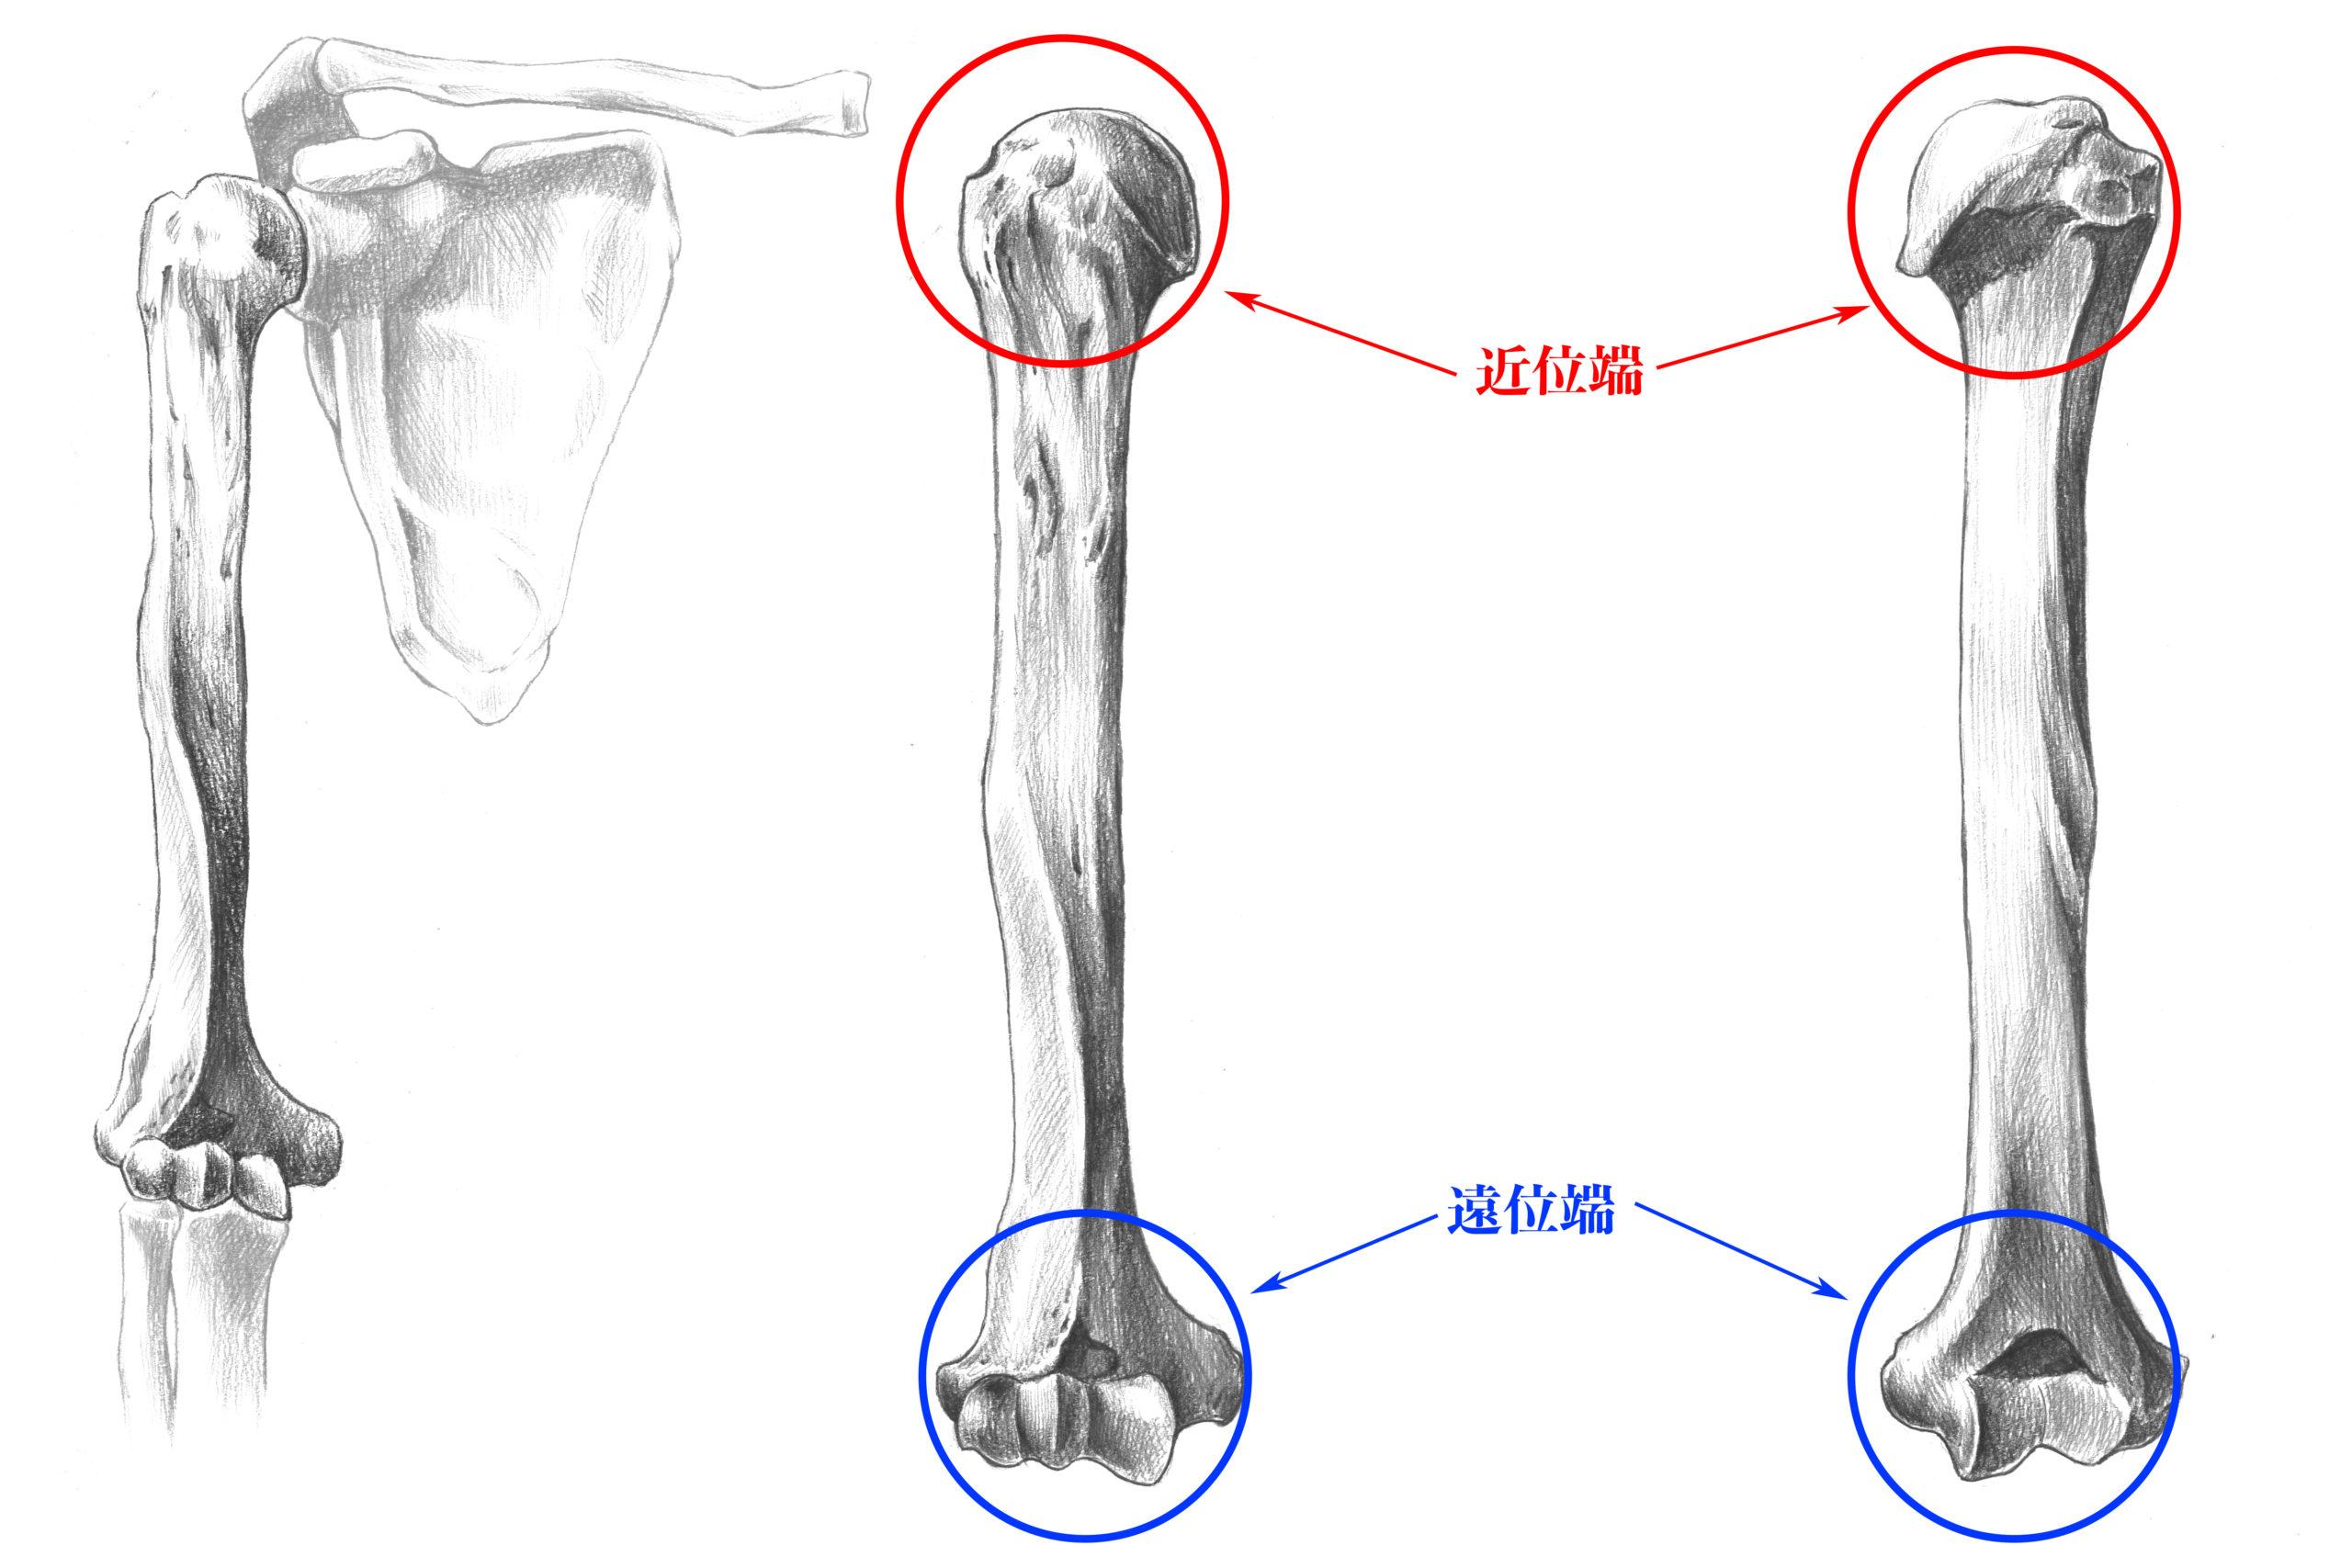 上腕骨近位端と遠位端のスケッチ